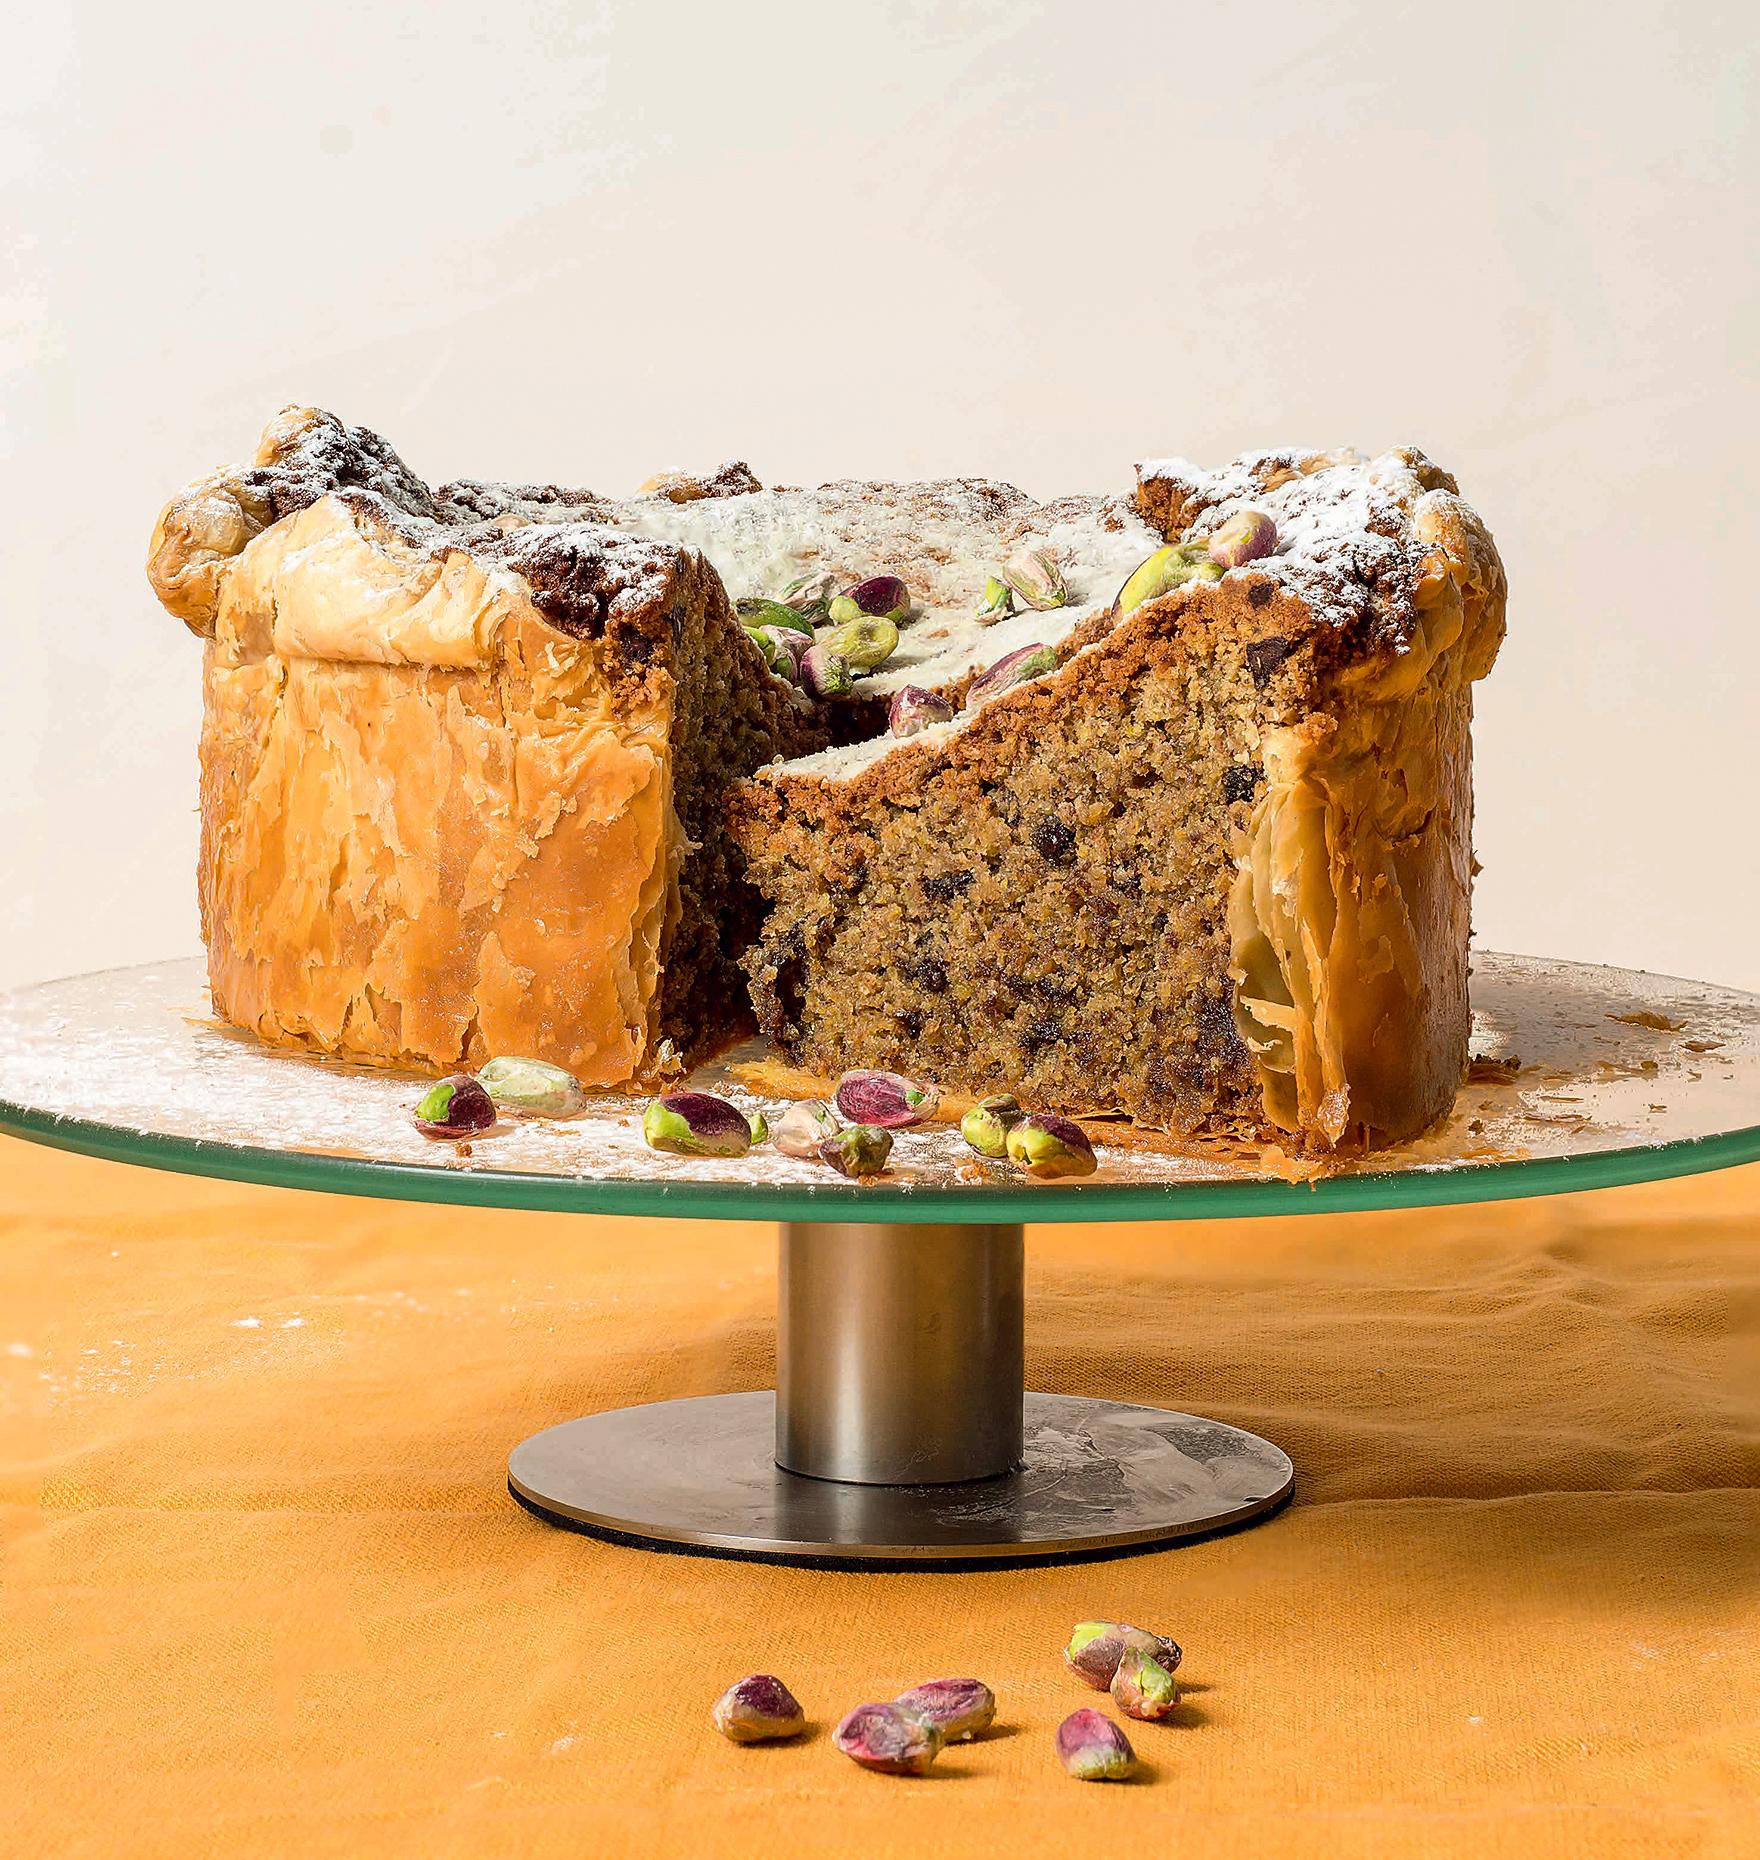 Πίτα με Γέμιση από Κρέμα Φιστικιού και Κομμάτια Σοκολάτας με Φύλλο Σφολιάτας Χρυσή Ζύμη